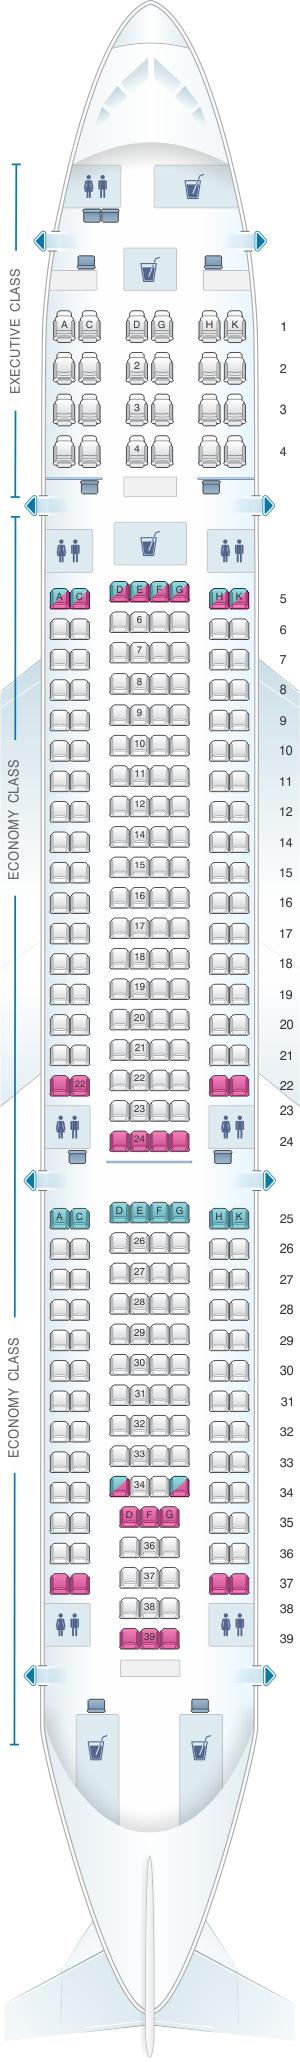 Seat map for SATA Air Açores Airbus A330 200